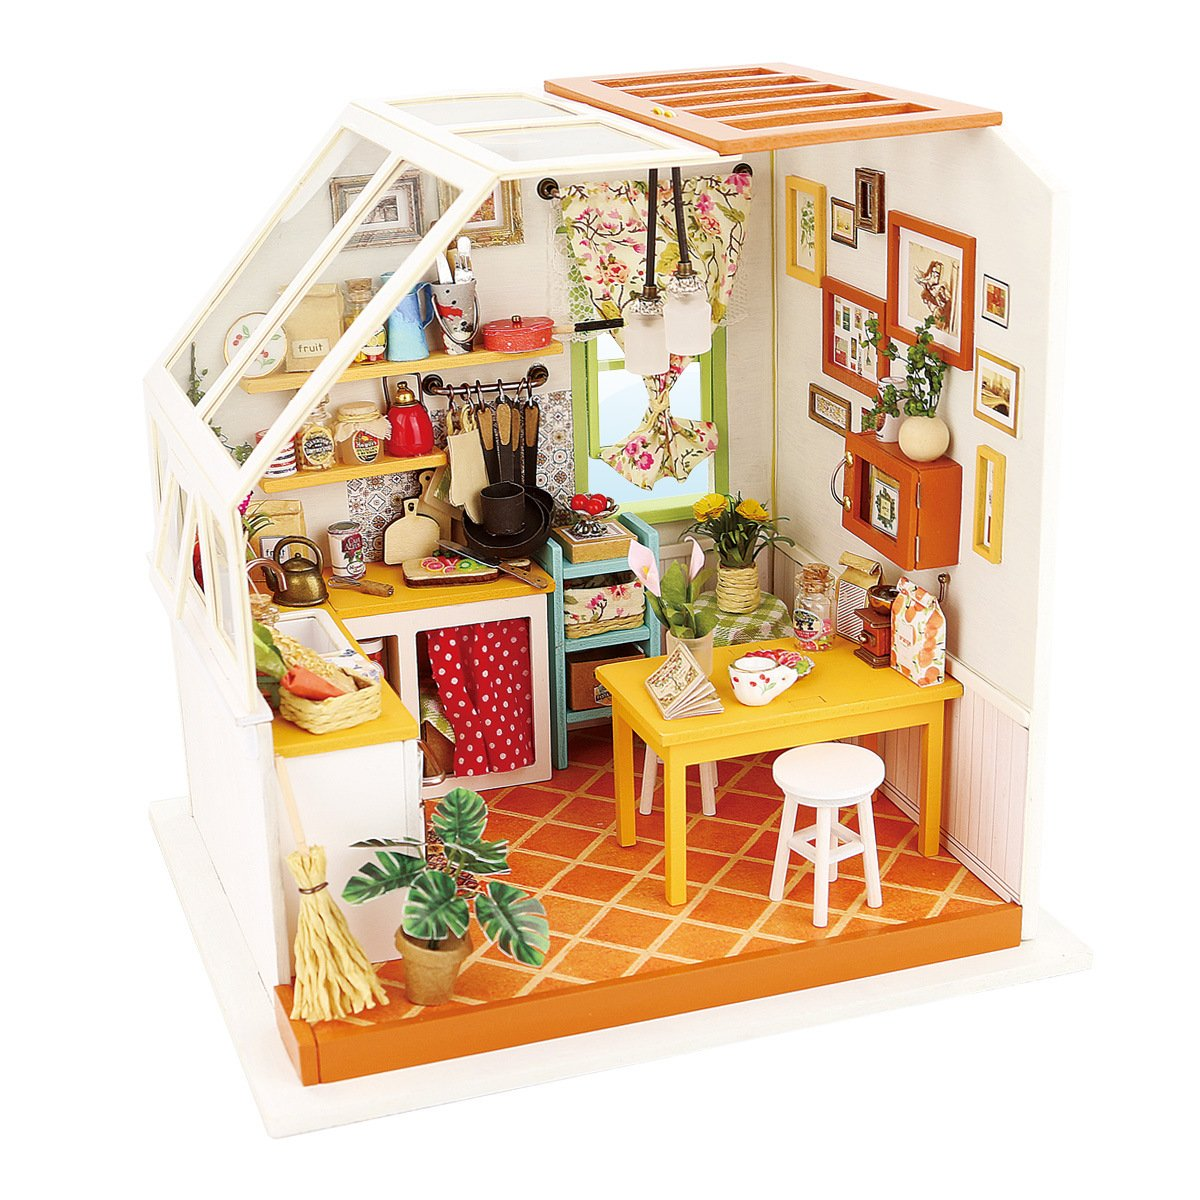 HEHAHA-STUDIO Zusammengebaute Haus Schöne Wind Küche Modell Hand Montiert Restaurant Modell Mini Cottage Diy